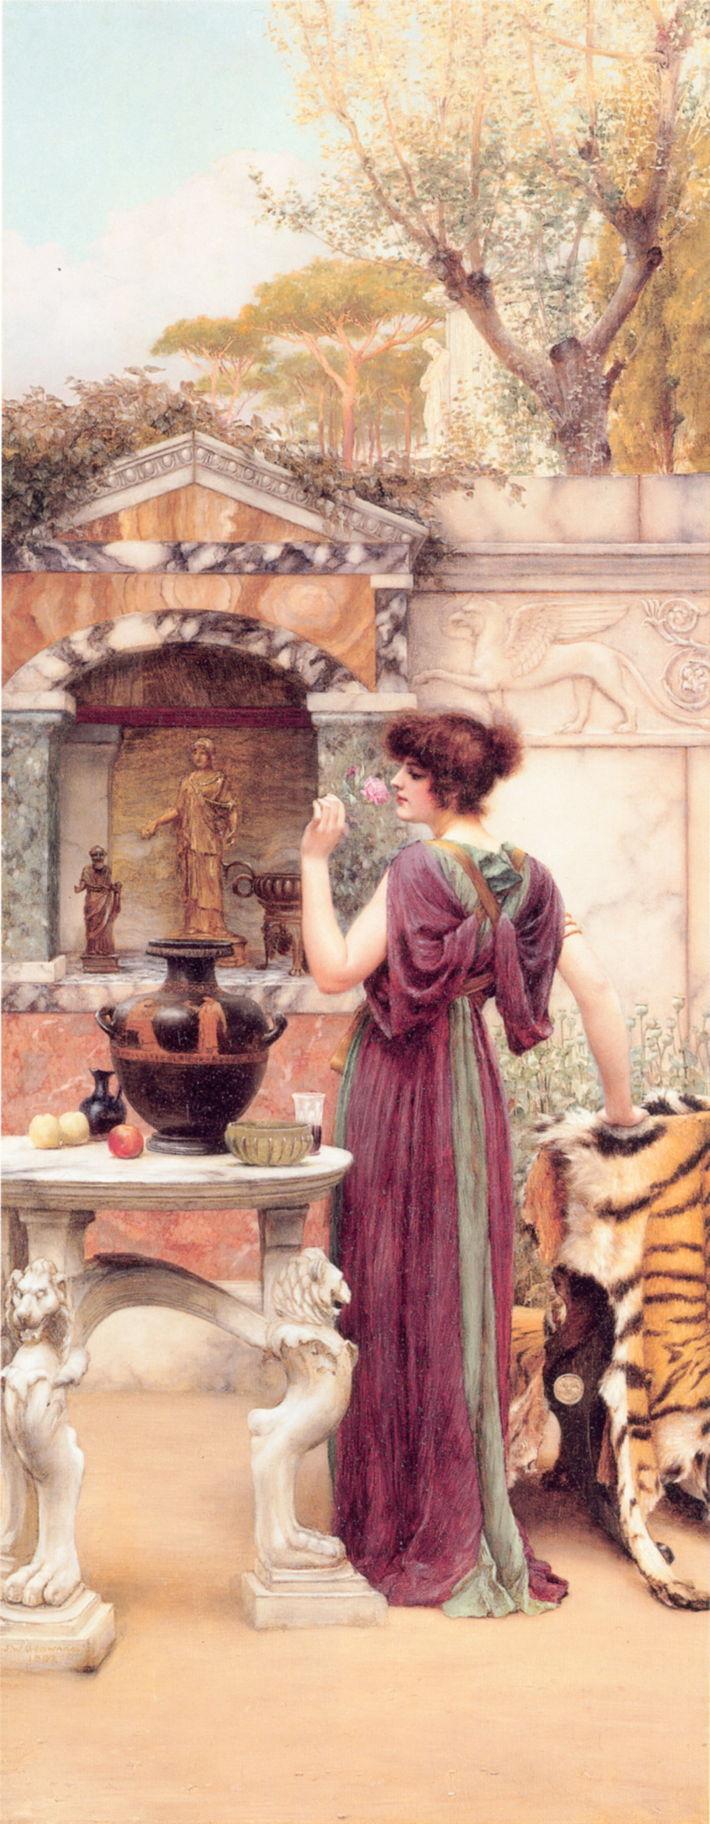 godwardgardenshrinepompeii